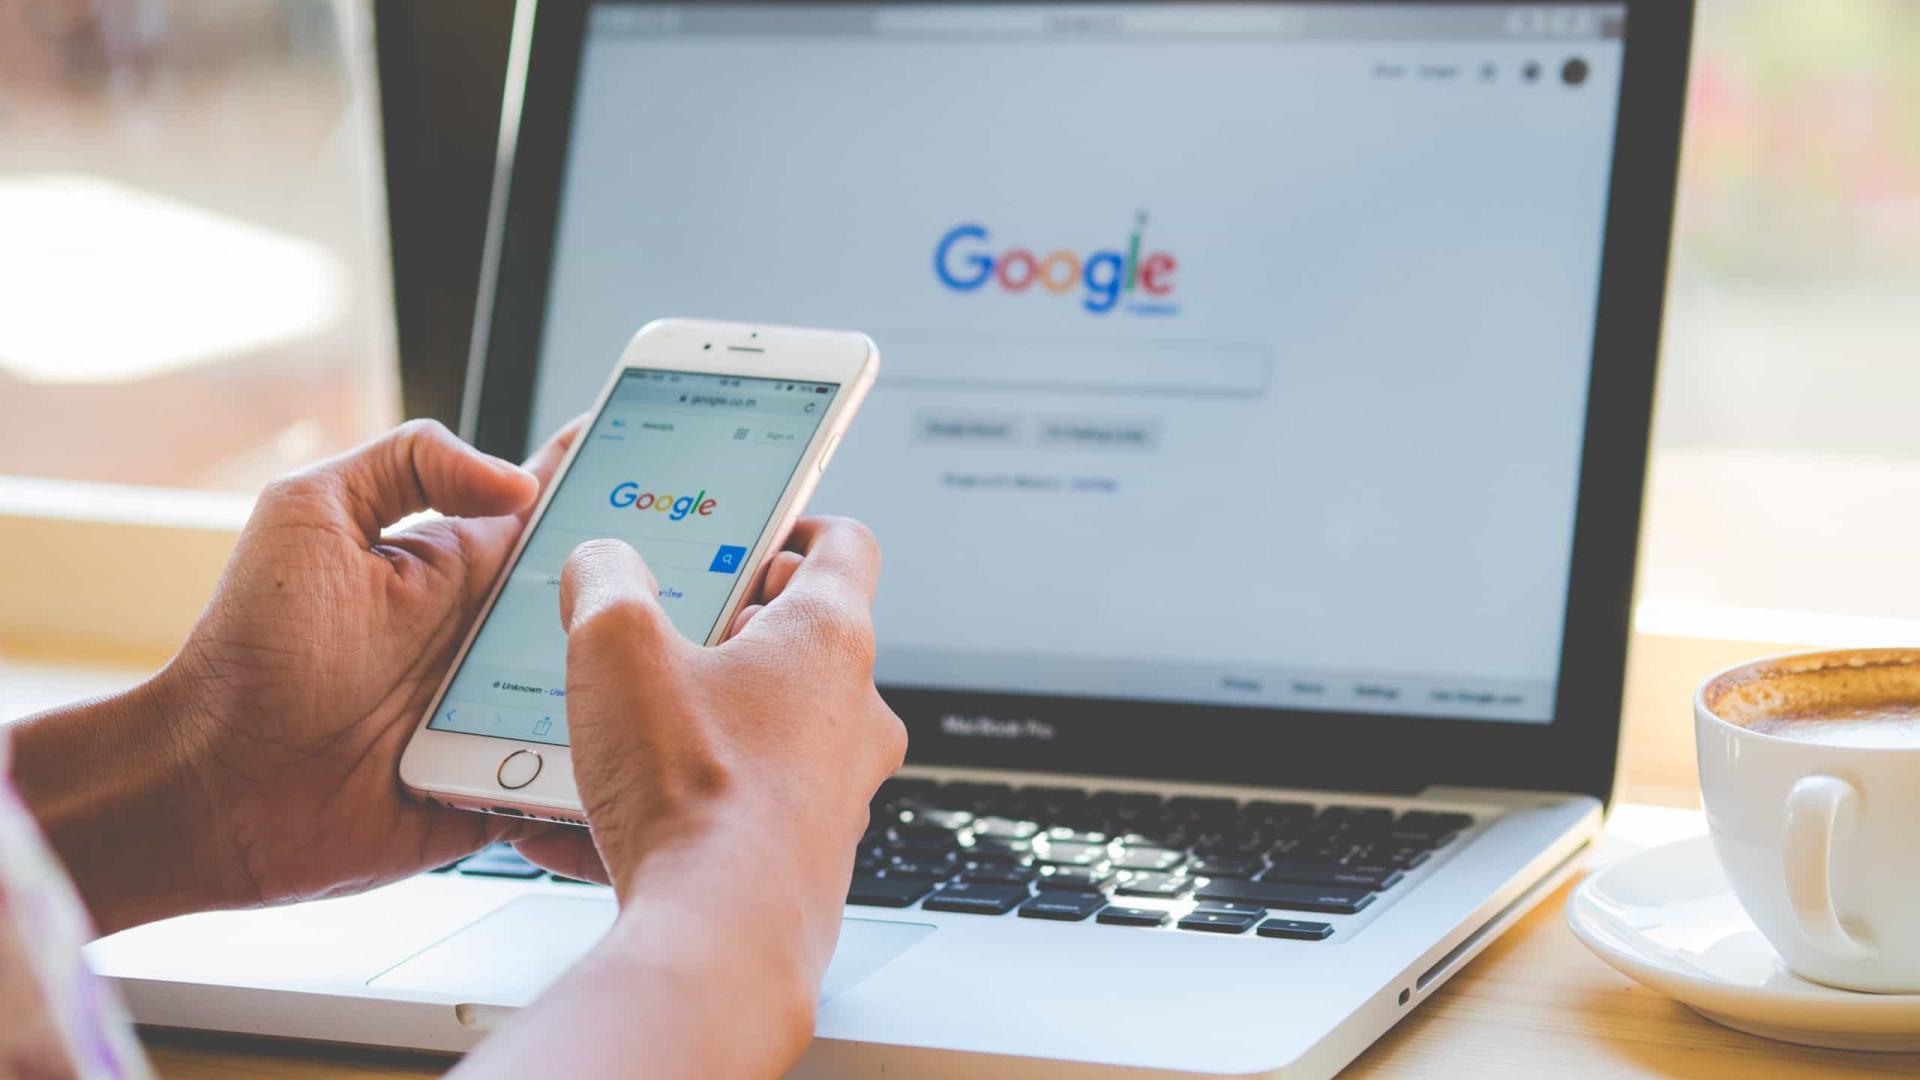 Saúde é o tema político de maior interesse no Google durante as eleições